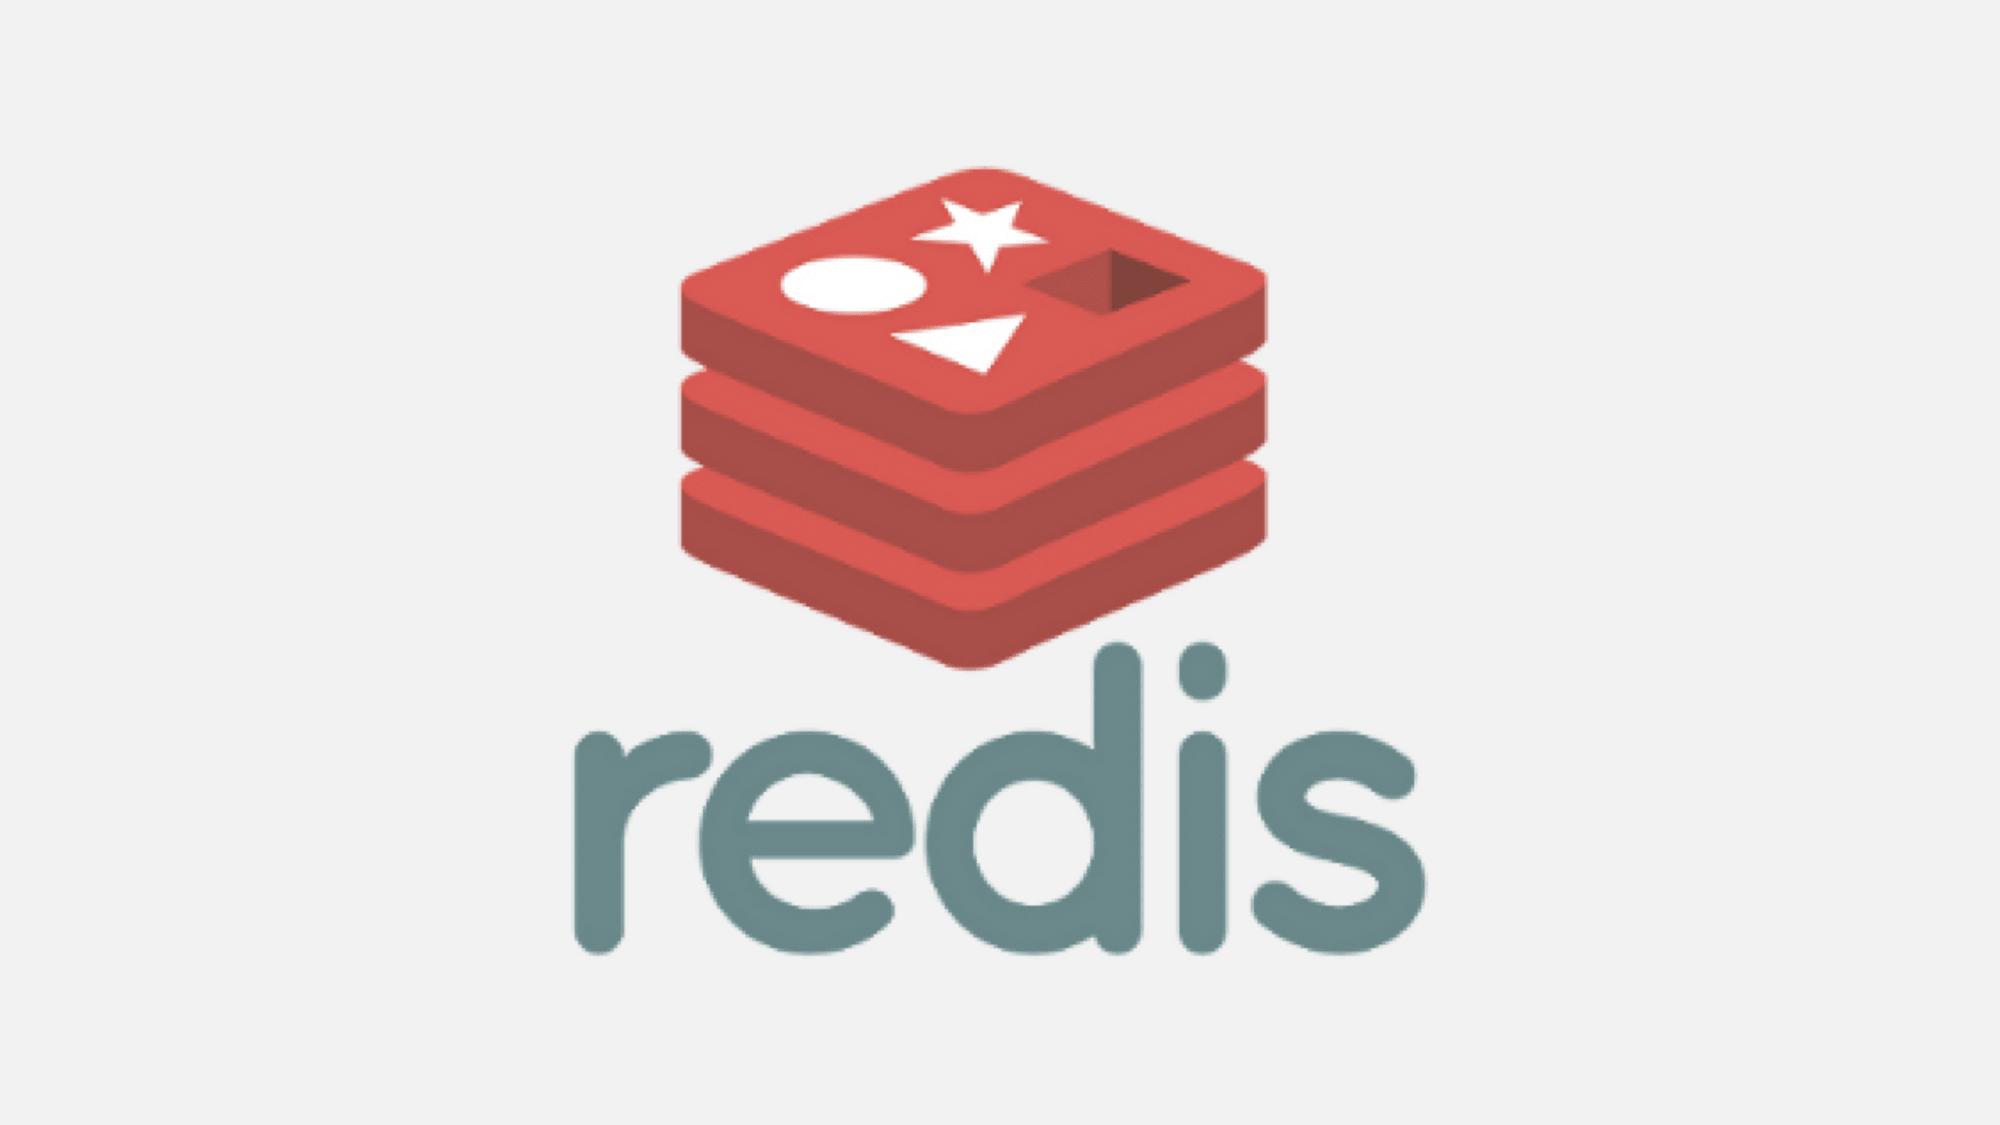 使用 Redis 作为 LRU Cache